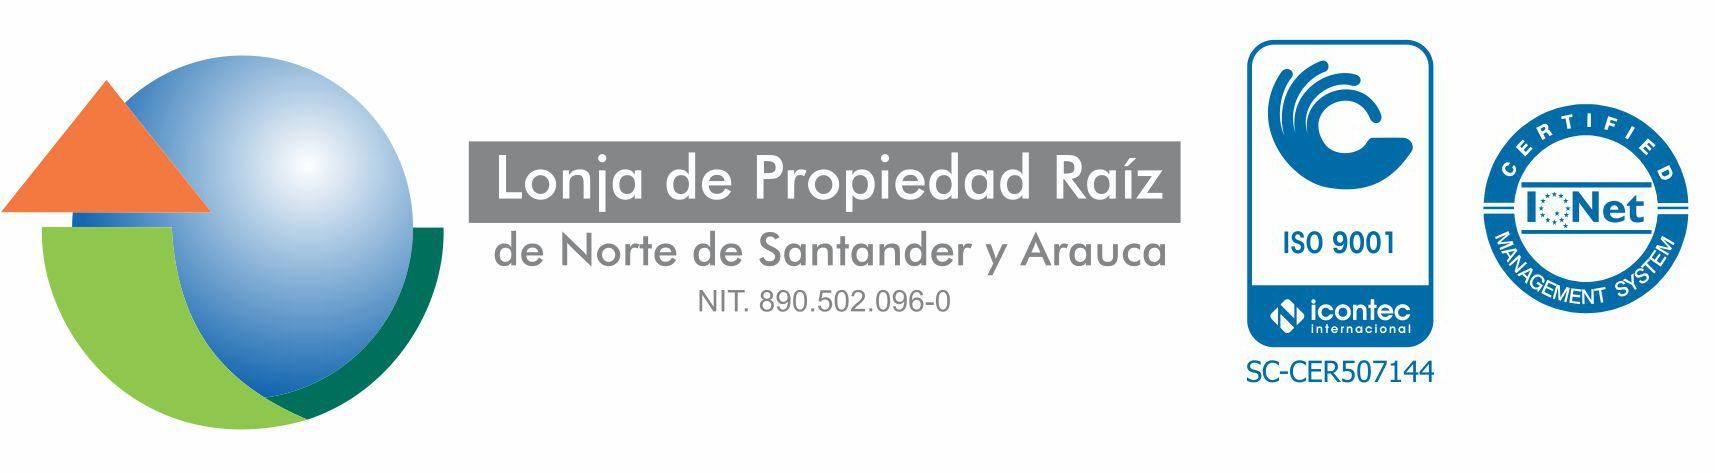 Lonja de Propieda Raiz Norte de Santander y Arauca